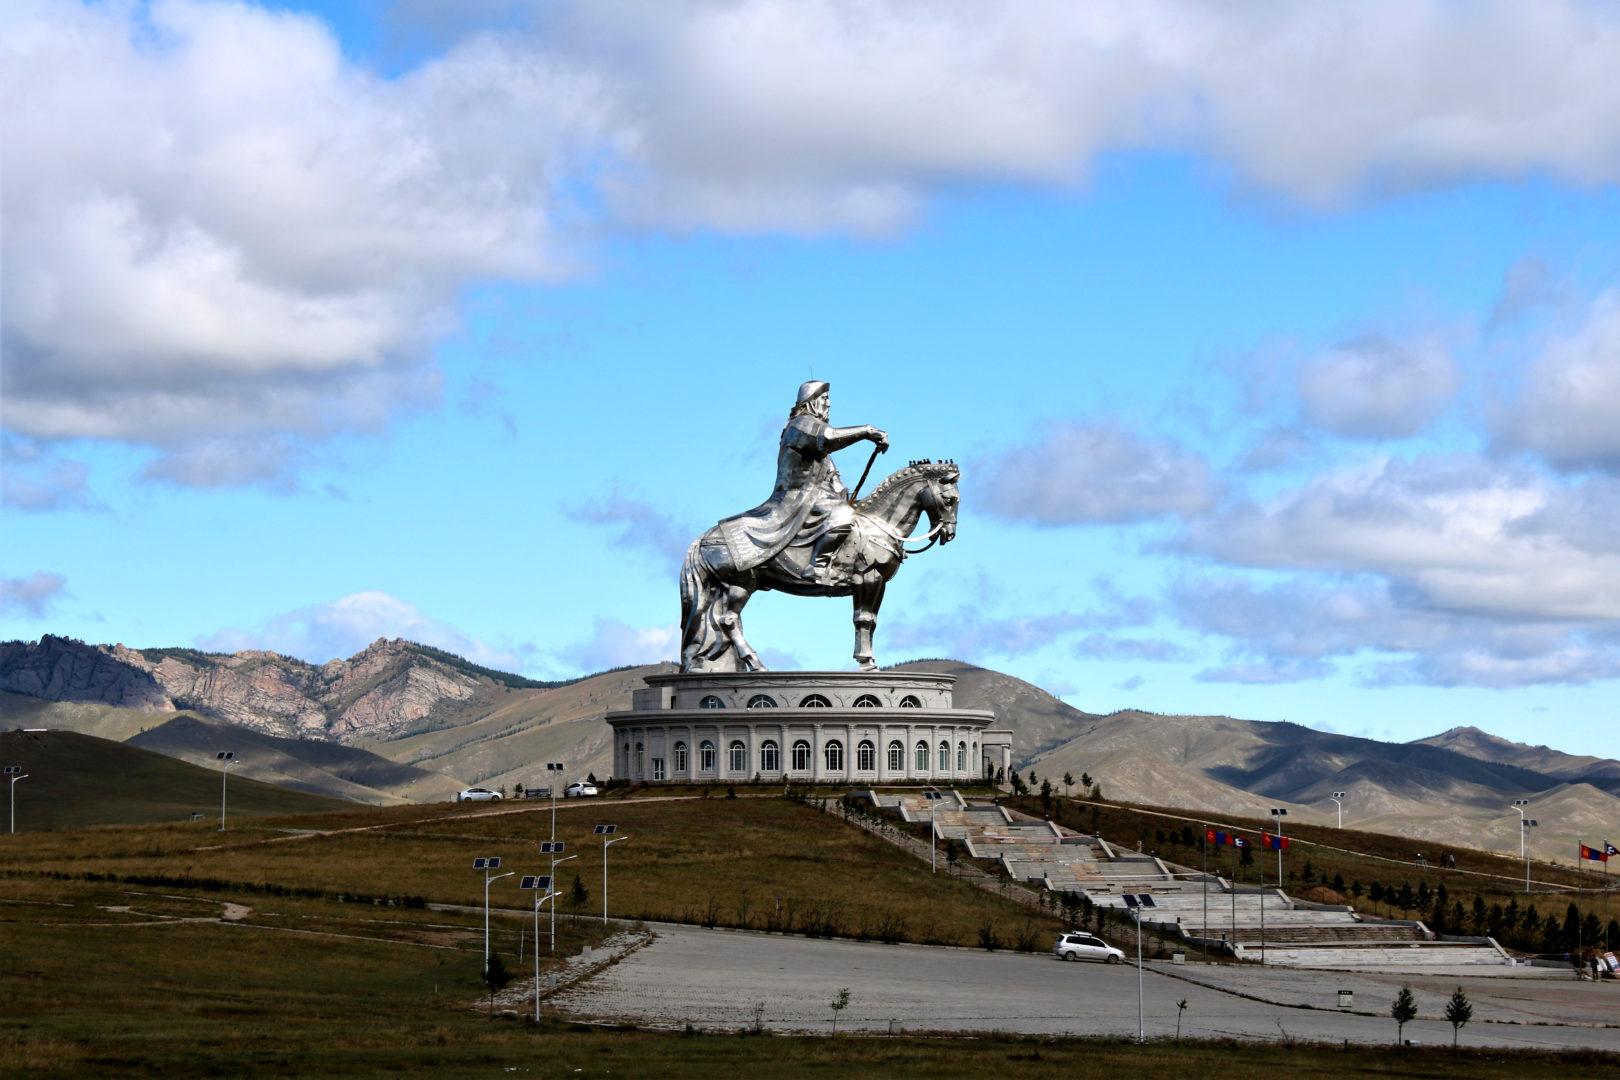 Chentii - der Osten: Dschingis Khan Denkmal